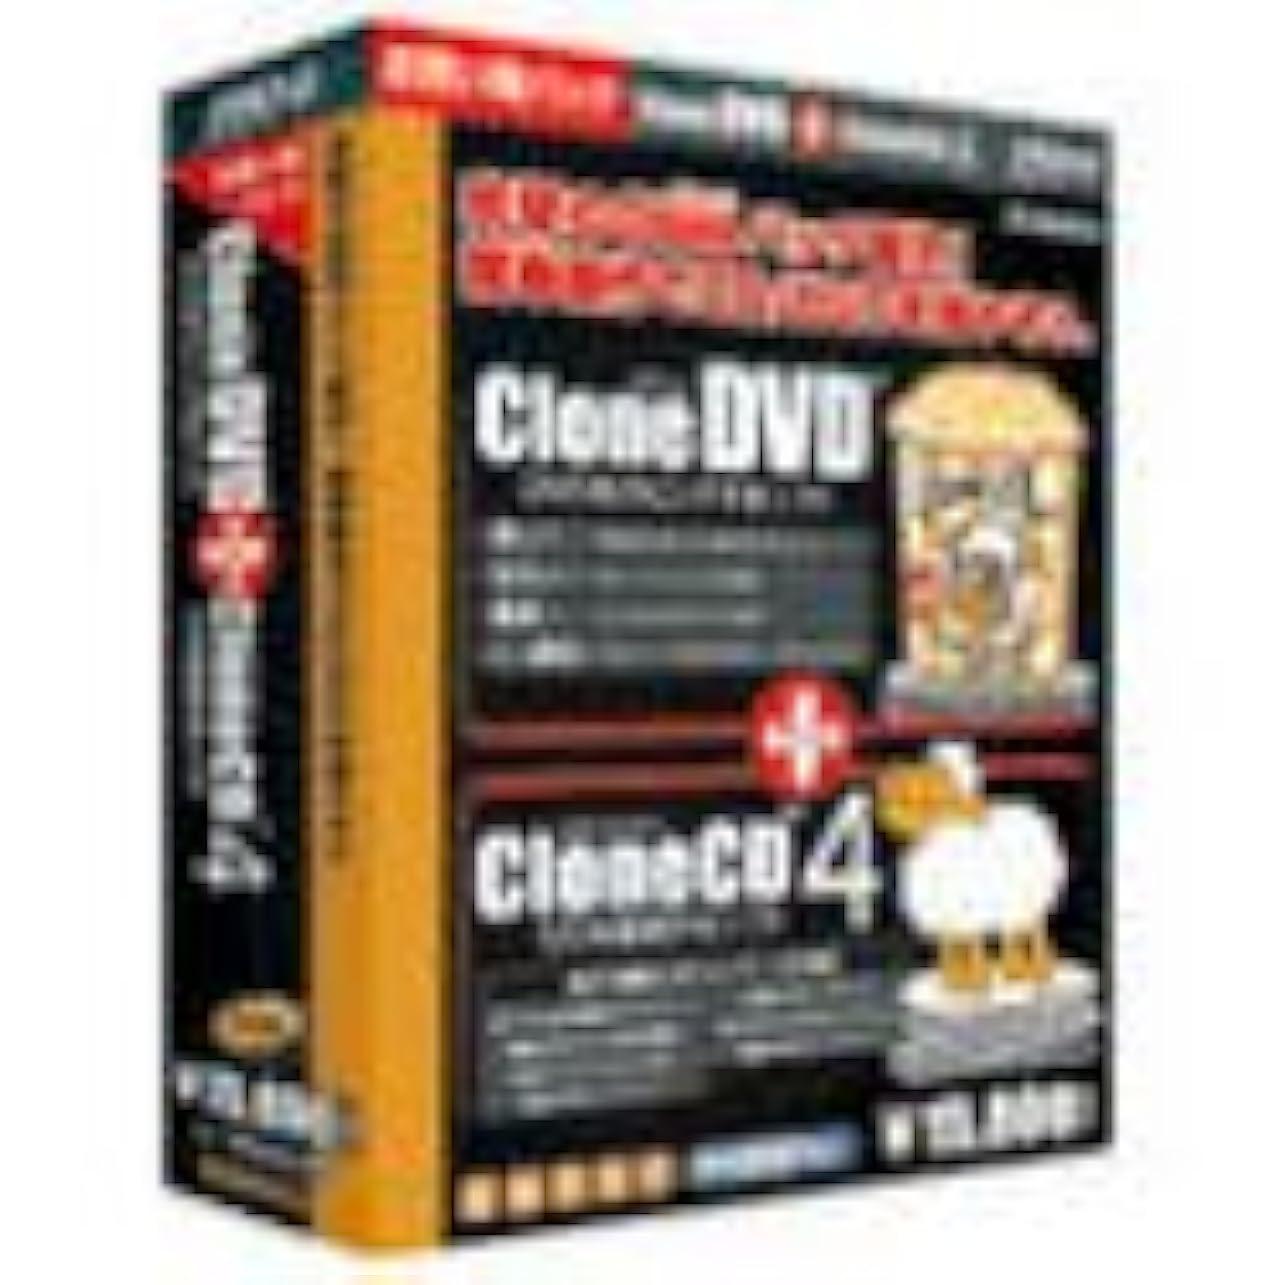 責版宿泊施設Clone DVD + Clone CD 4